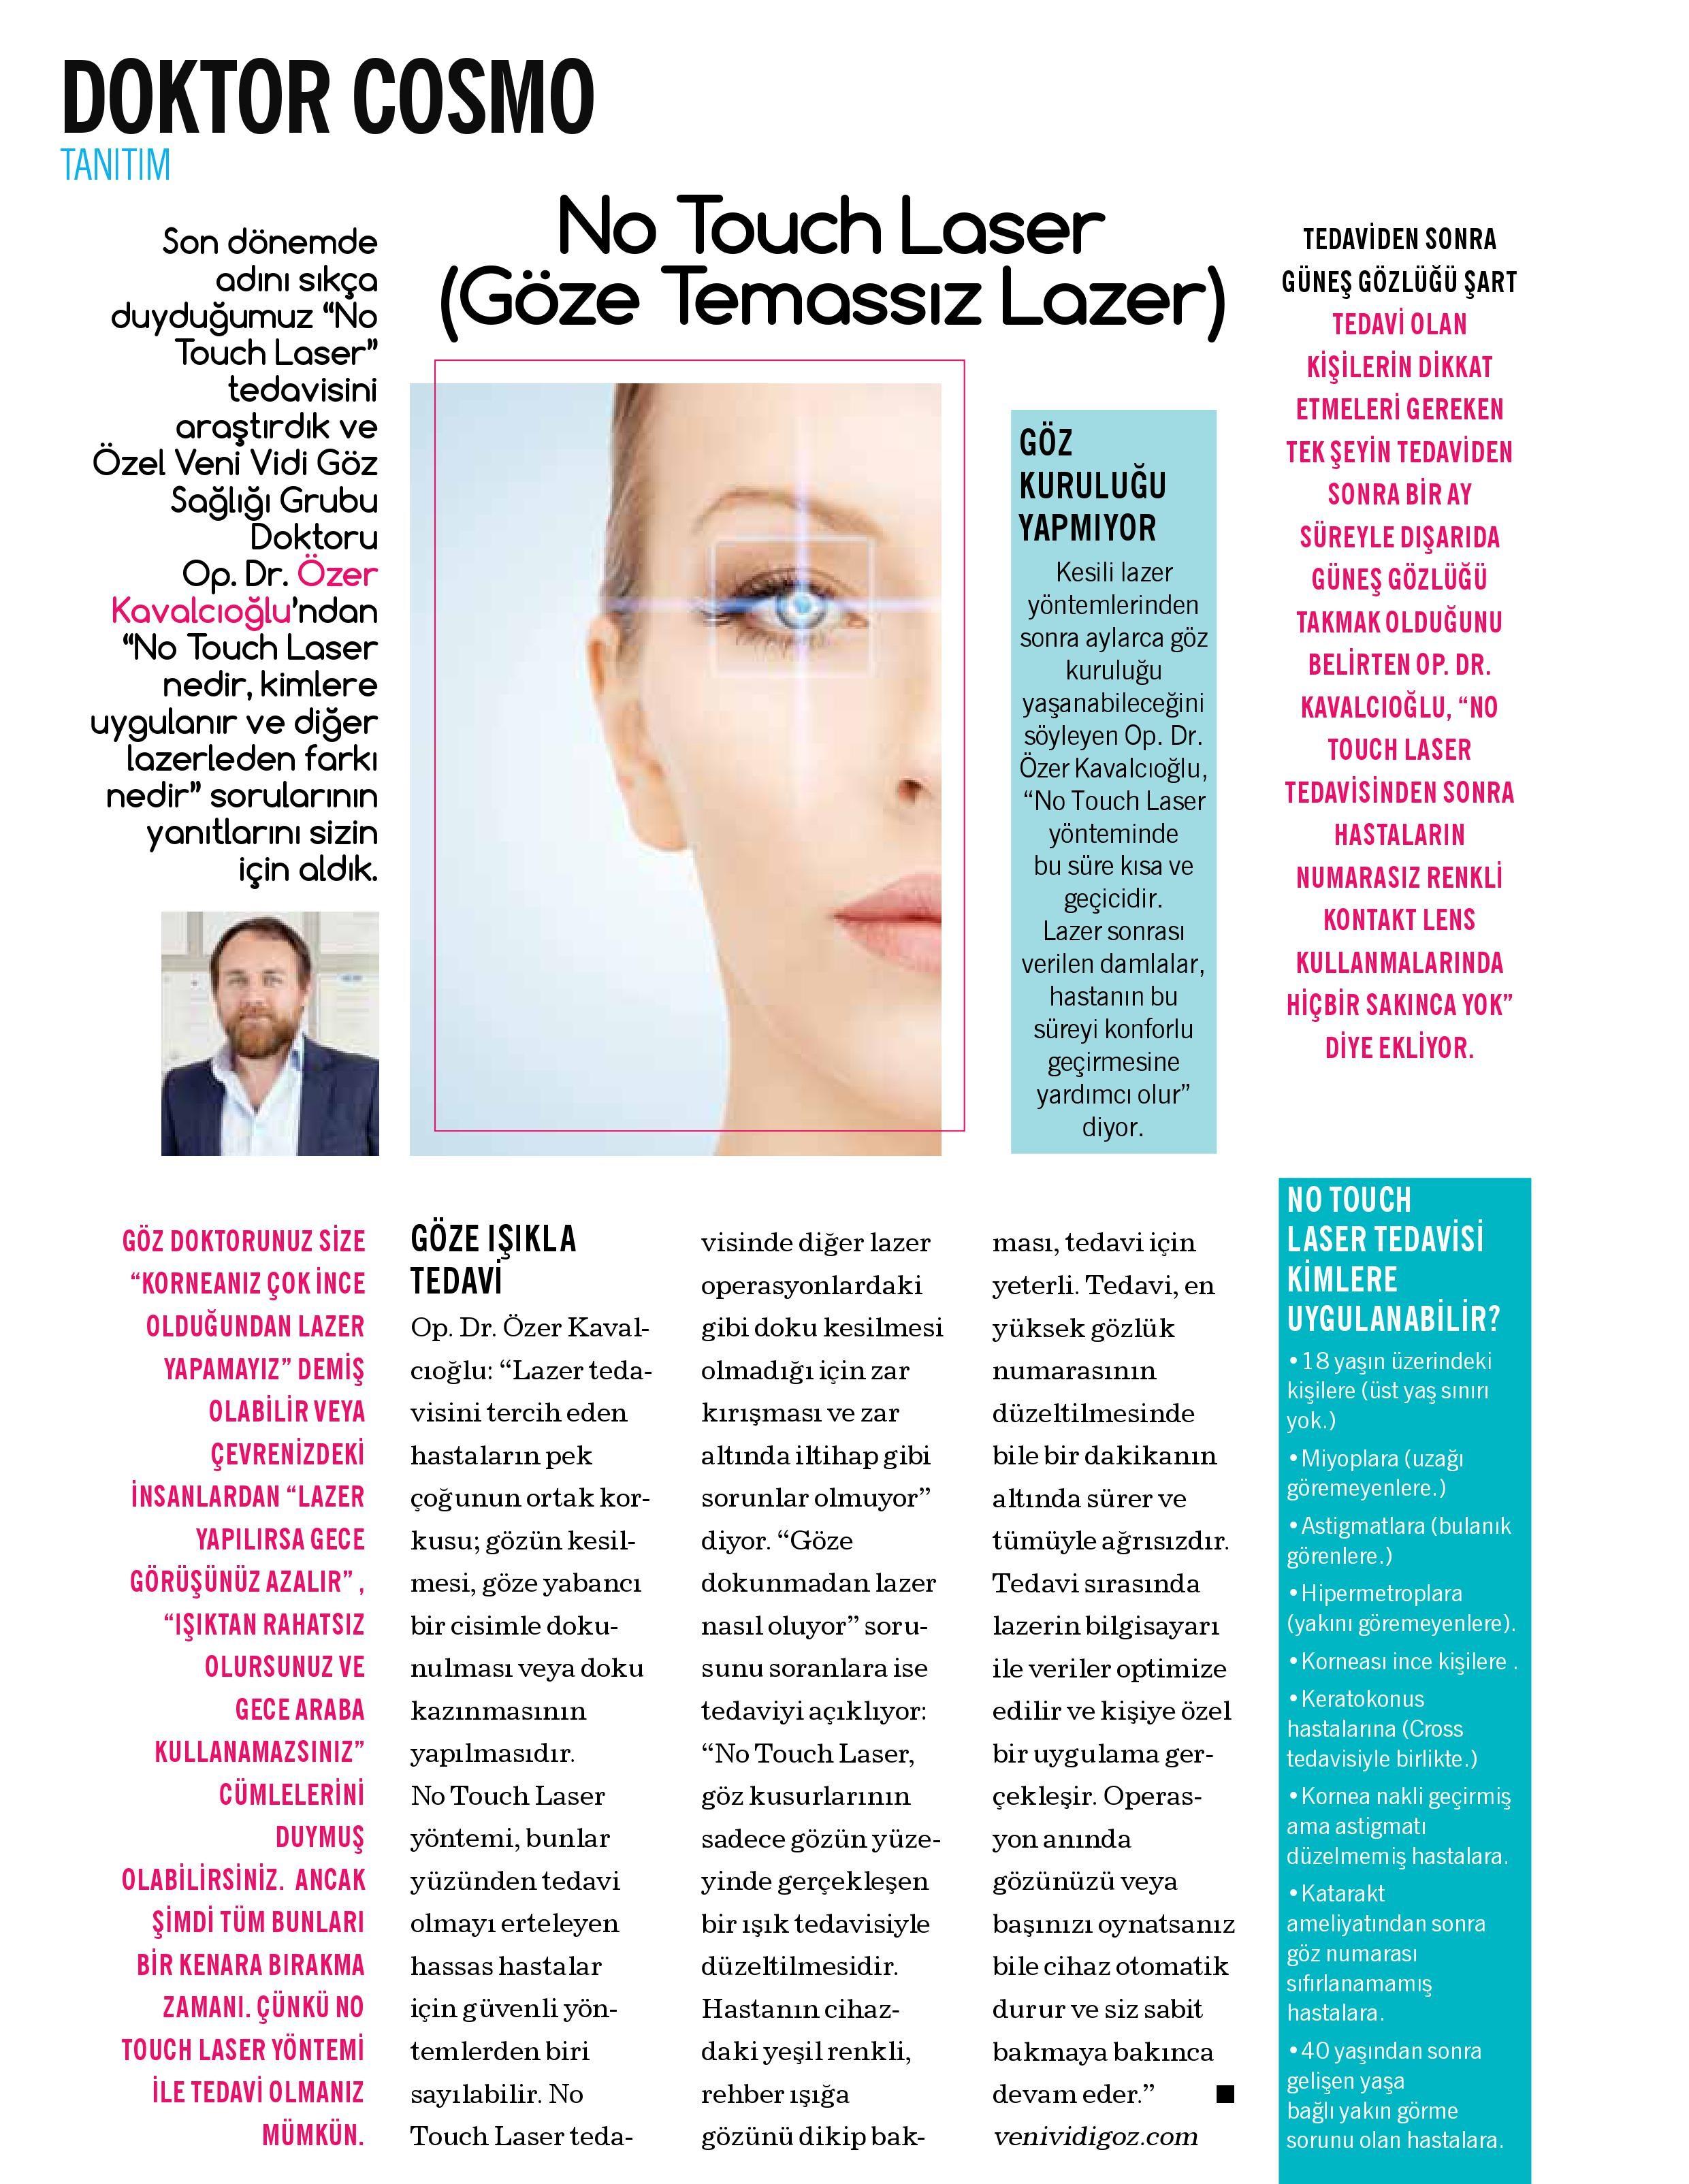 Göze temas, kesi olmadan yapılan göz lazer tedavisi.